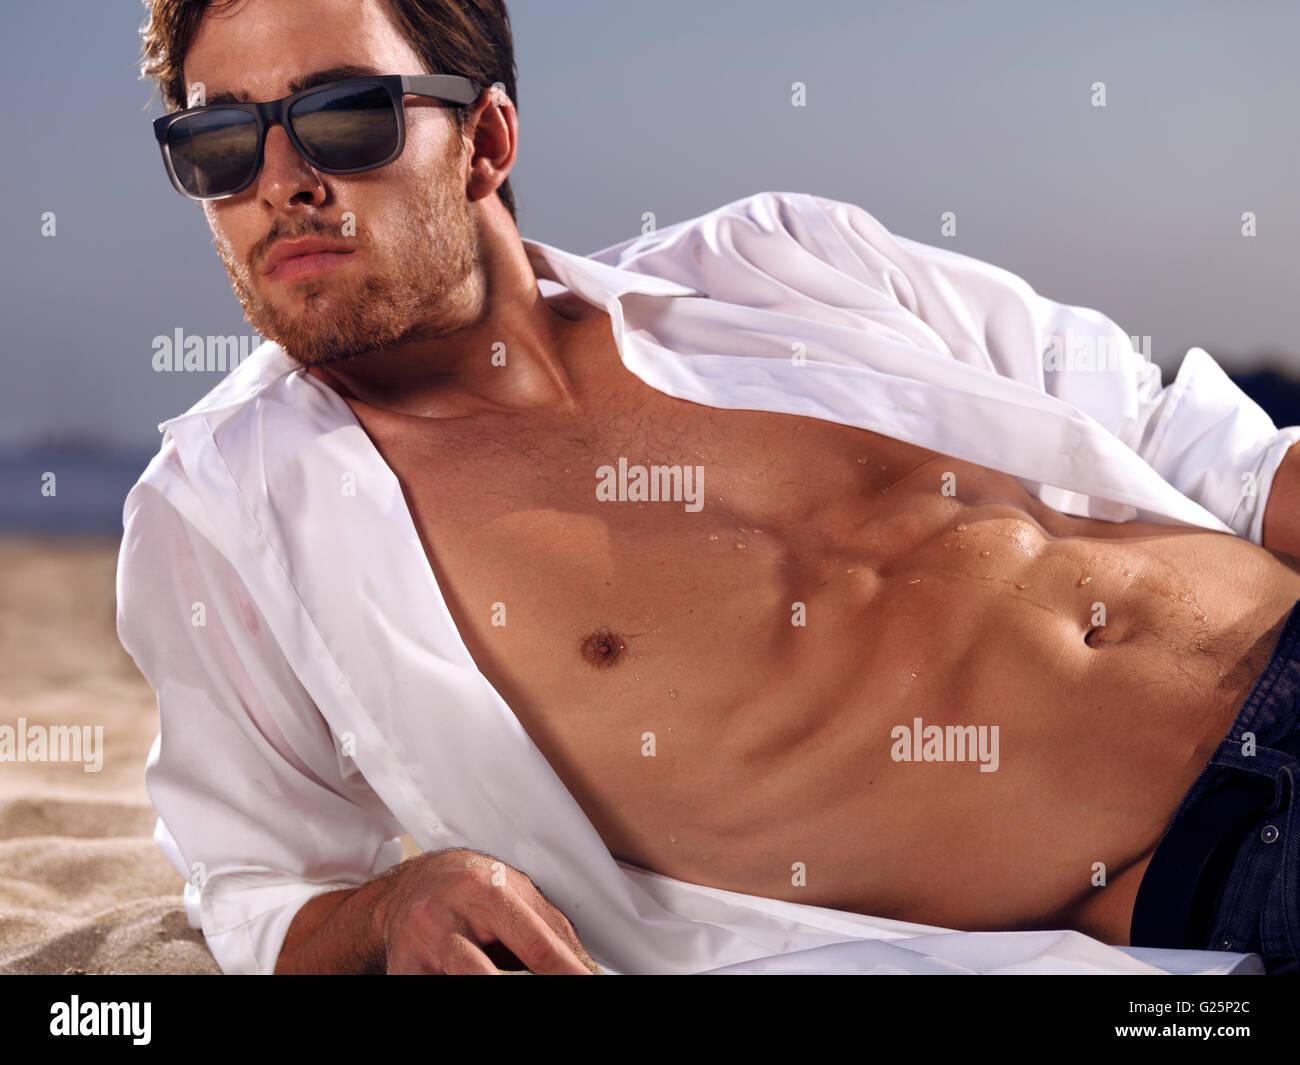 De Hombre Tumbado Sol Con Gafas Unbuttoned Un La Camiseta En Una Y HIW9ED2